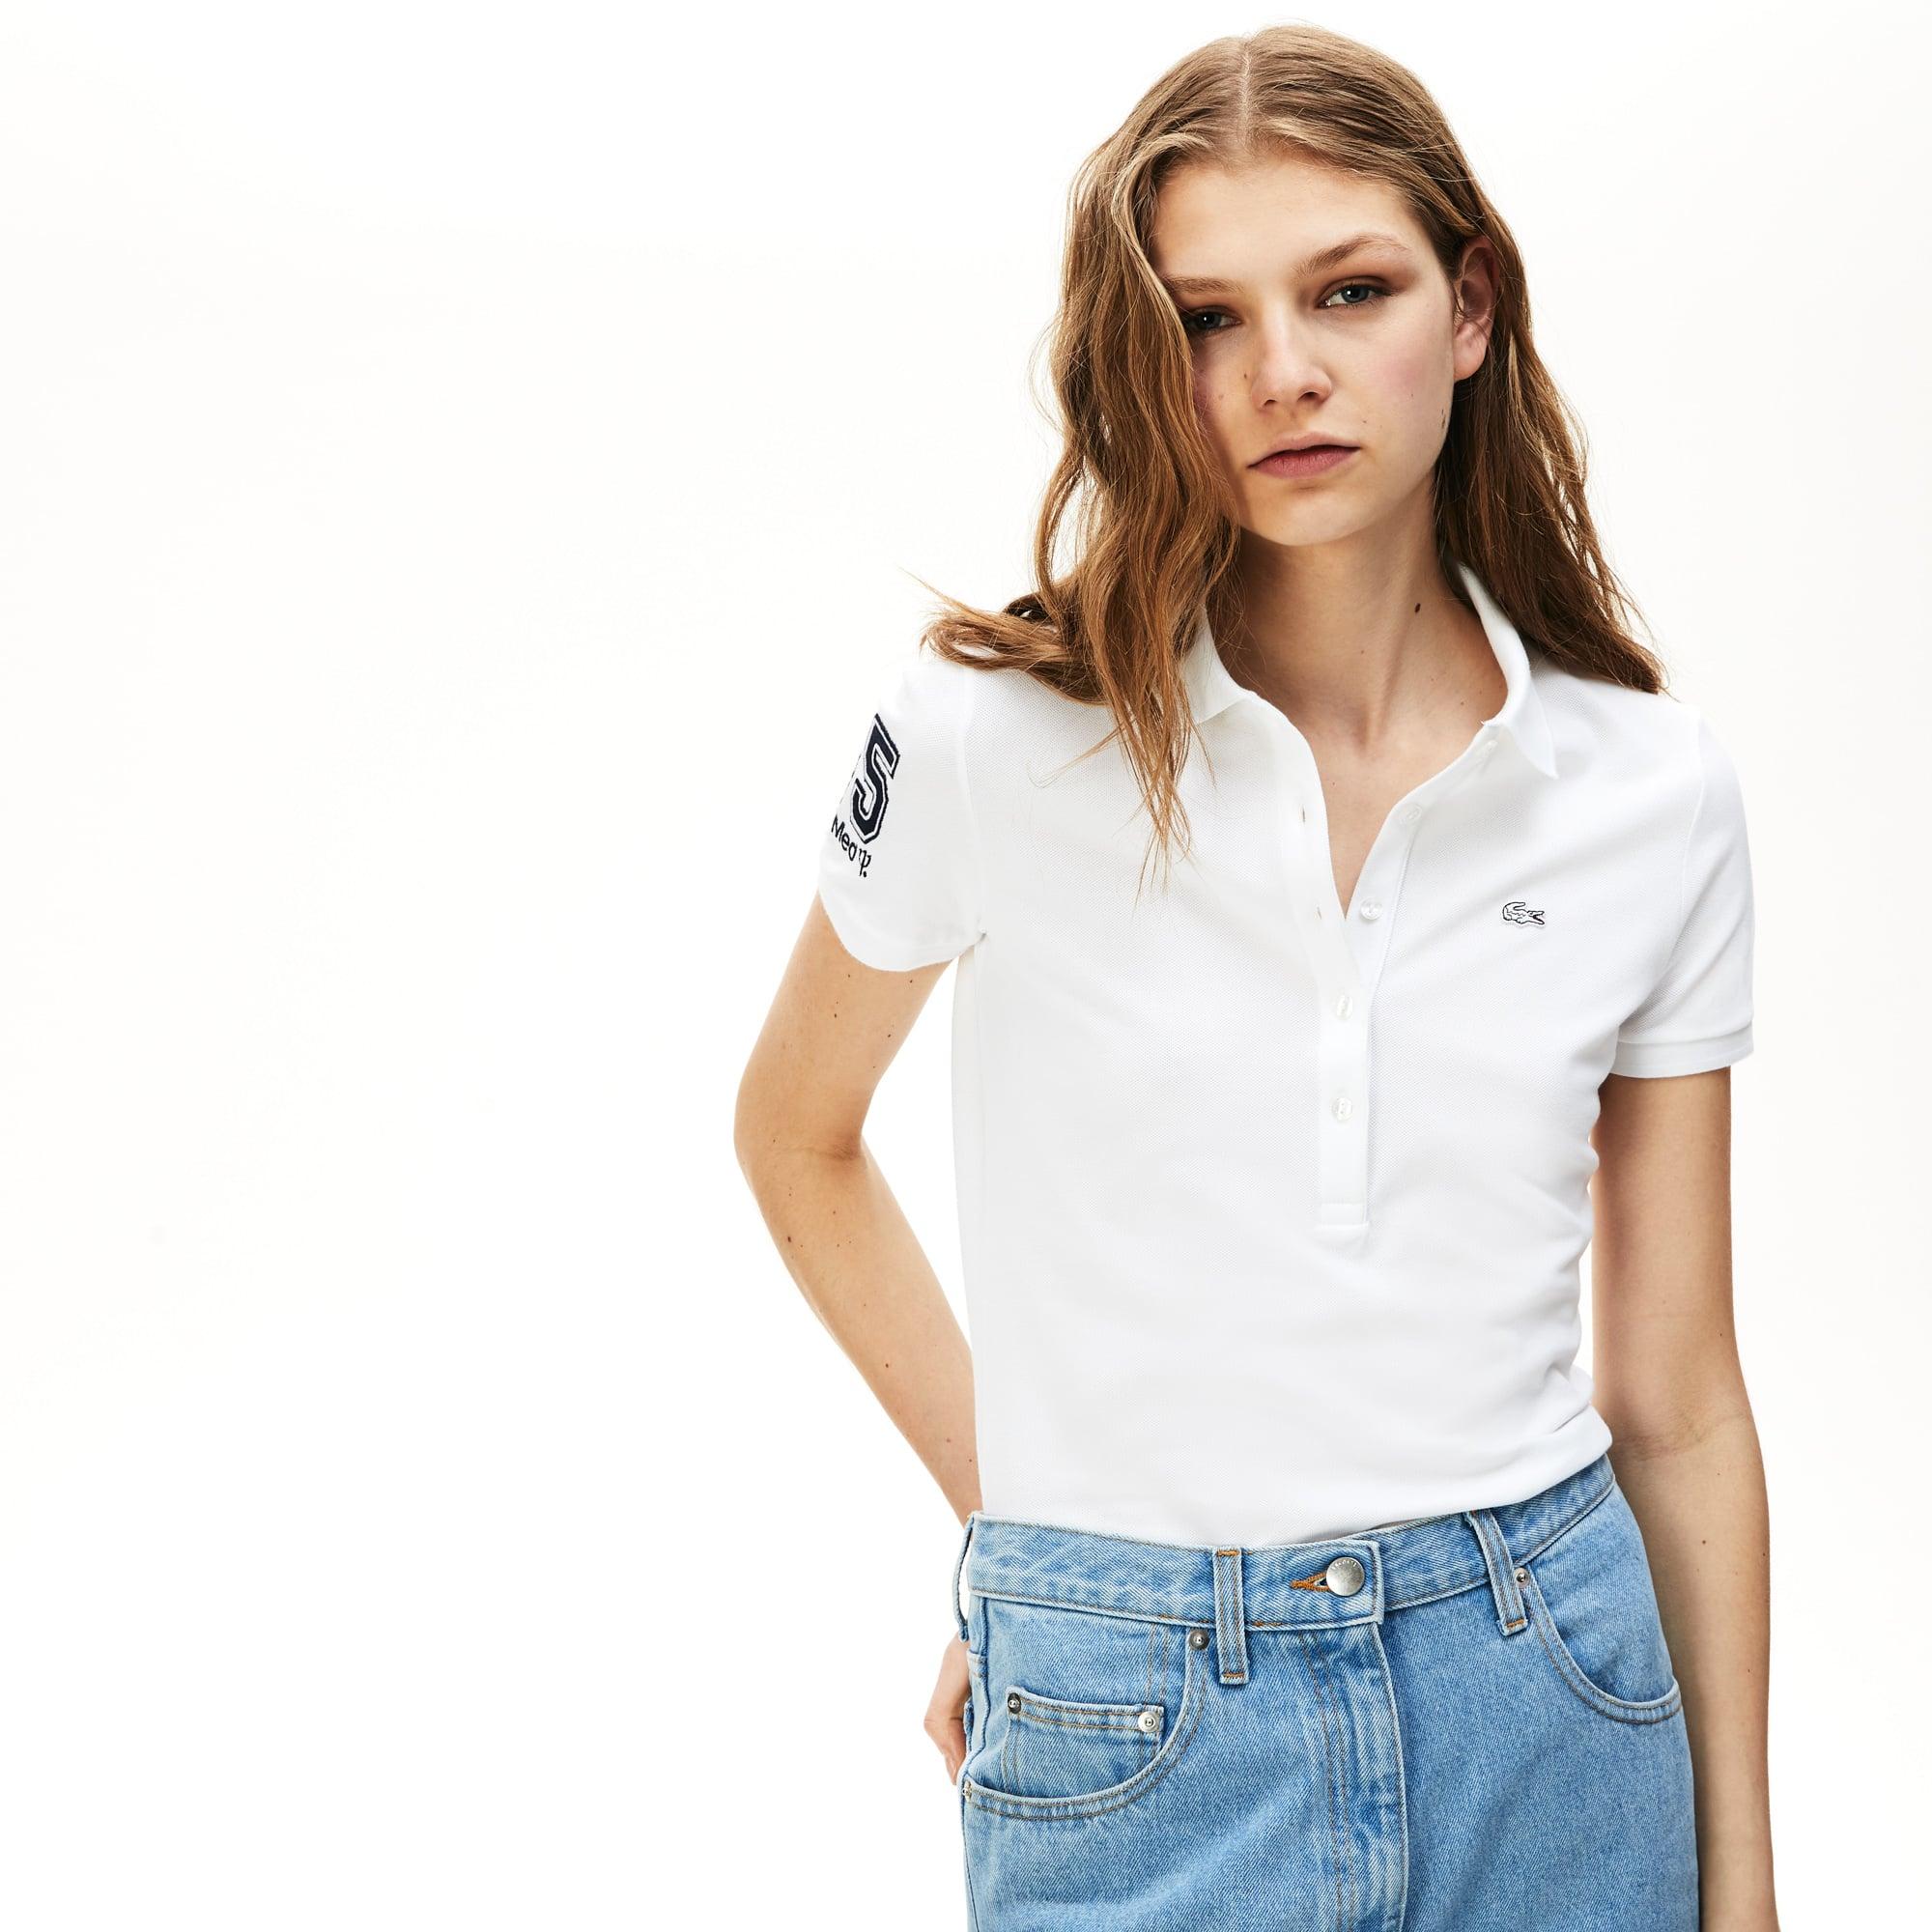 Polo Feminin Lacoste en coton stretch - Club Med